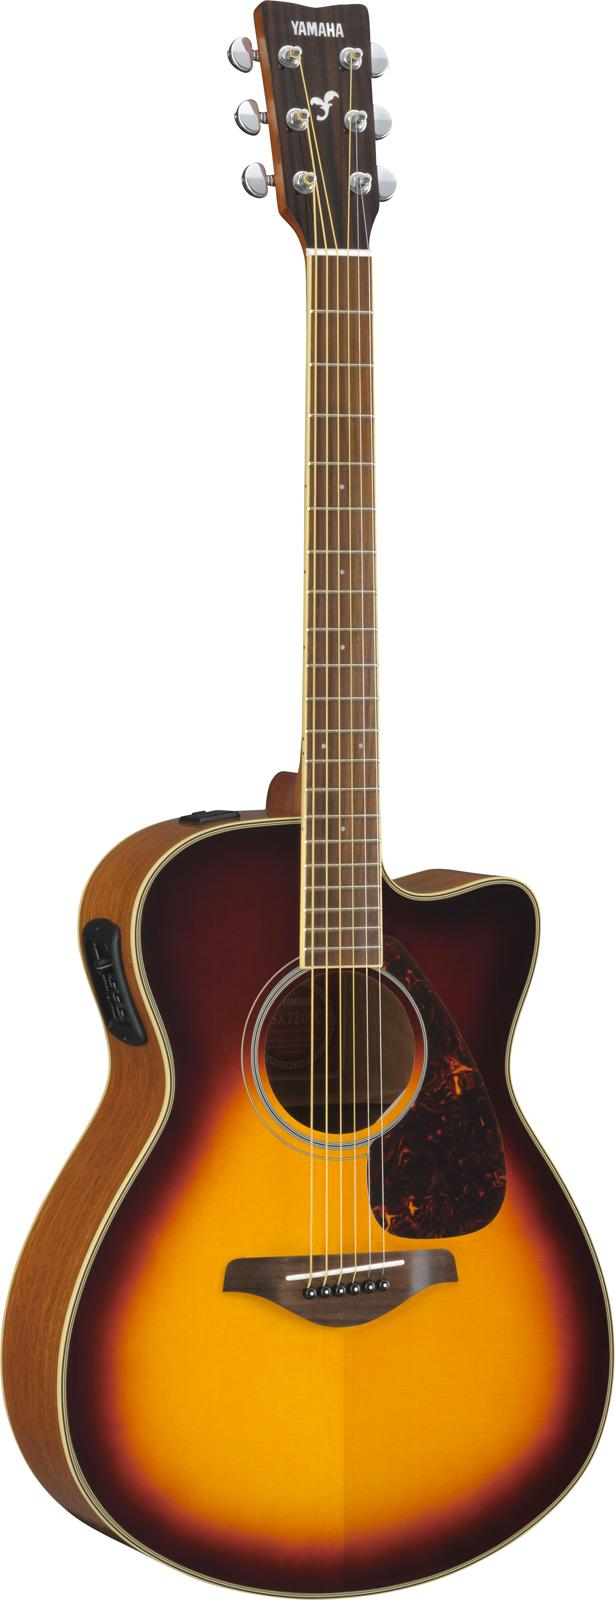 Yamaha Fsx720sciibs Brown Sunburst